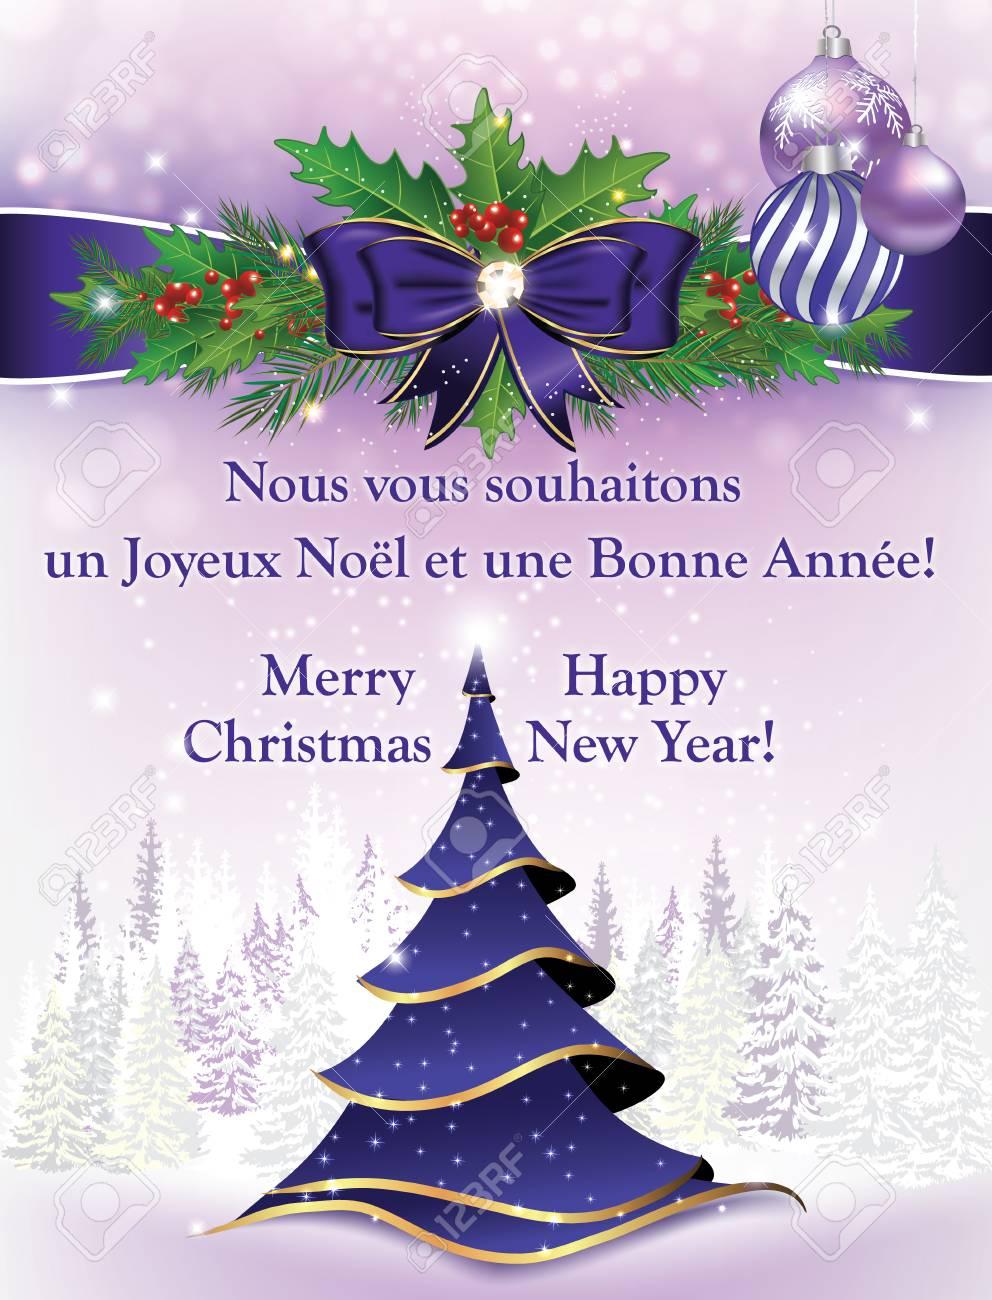 Bonne Annee Joyeux Noel.Francais Belle Carte De Voeux Pour Les Vacances D Hiver Joyeux Noel Et Bonne Annee Joyeux Noel Et Bonne Annee Couleurs D Impression Utilisees